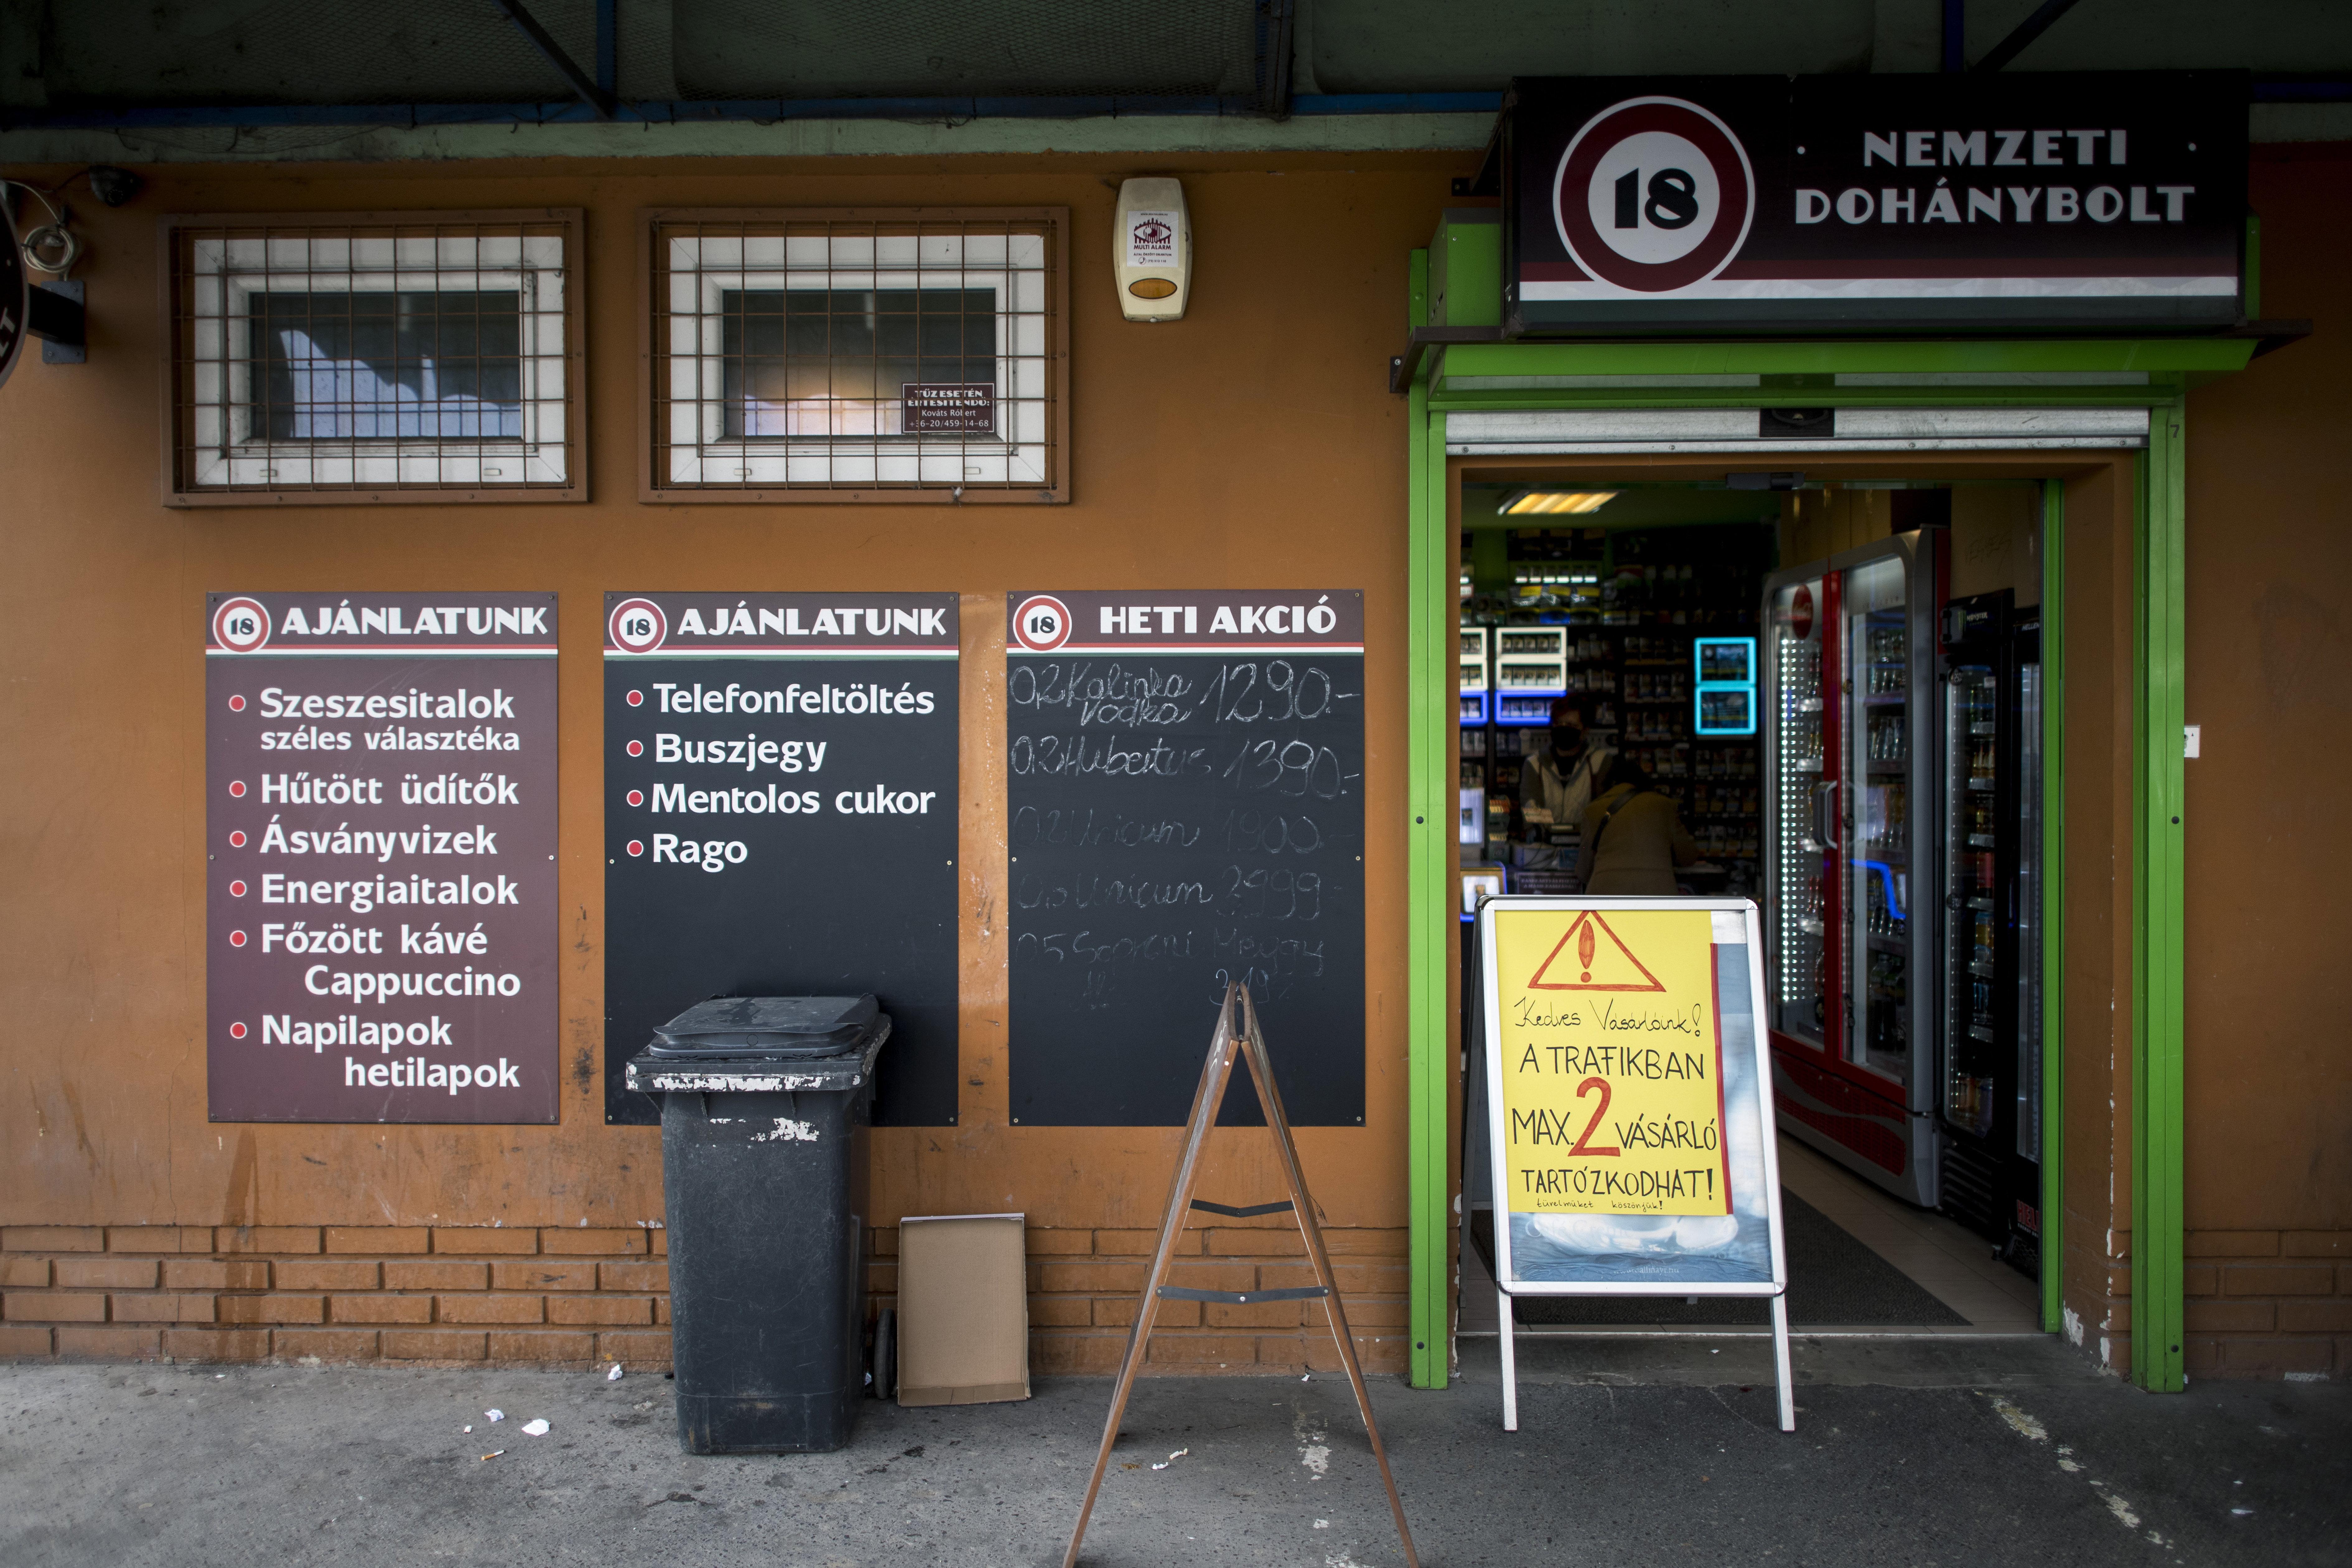 Eldőlt a dohányboltok sorsa is a járvány miatt